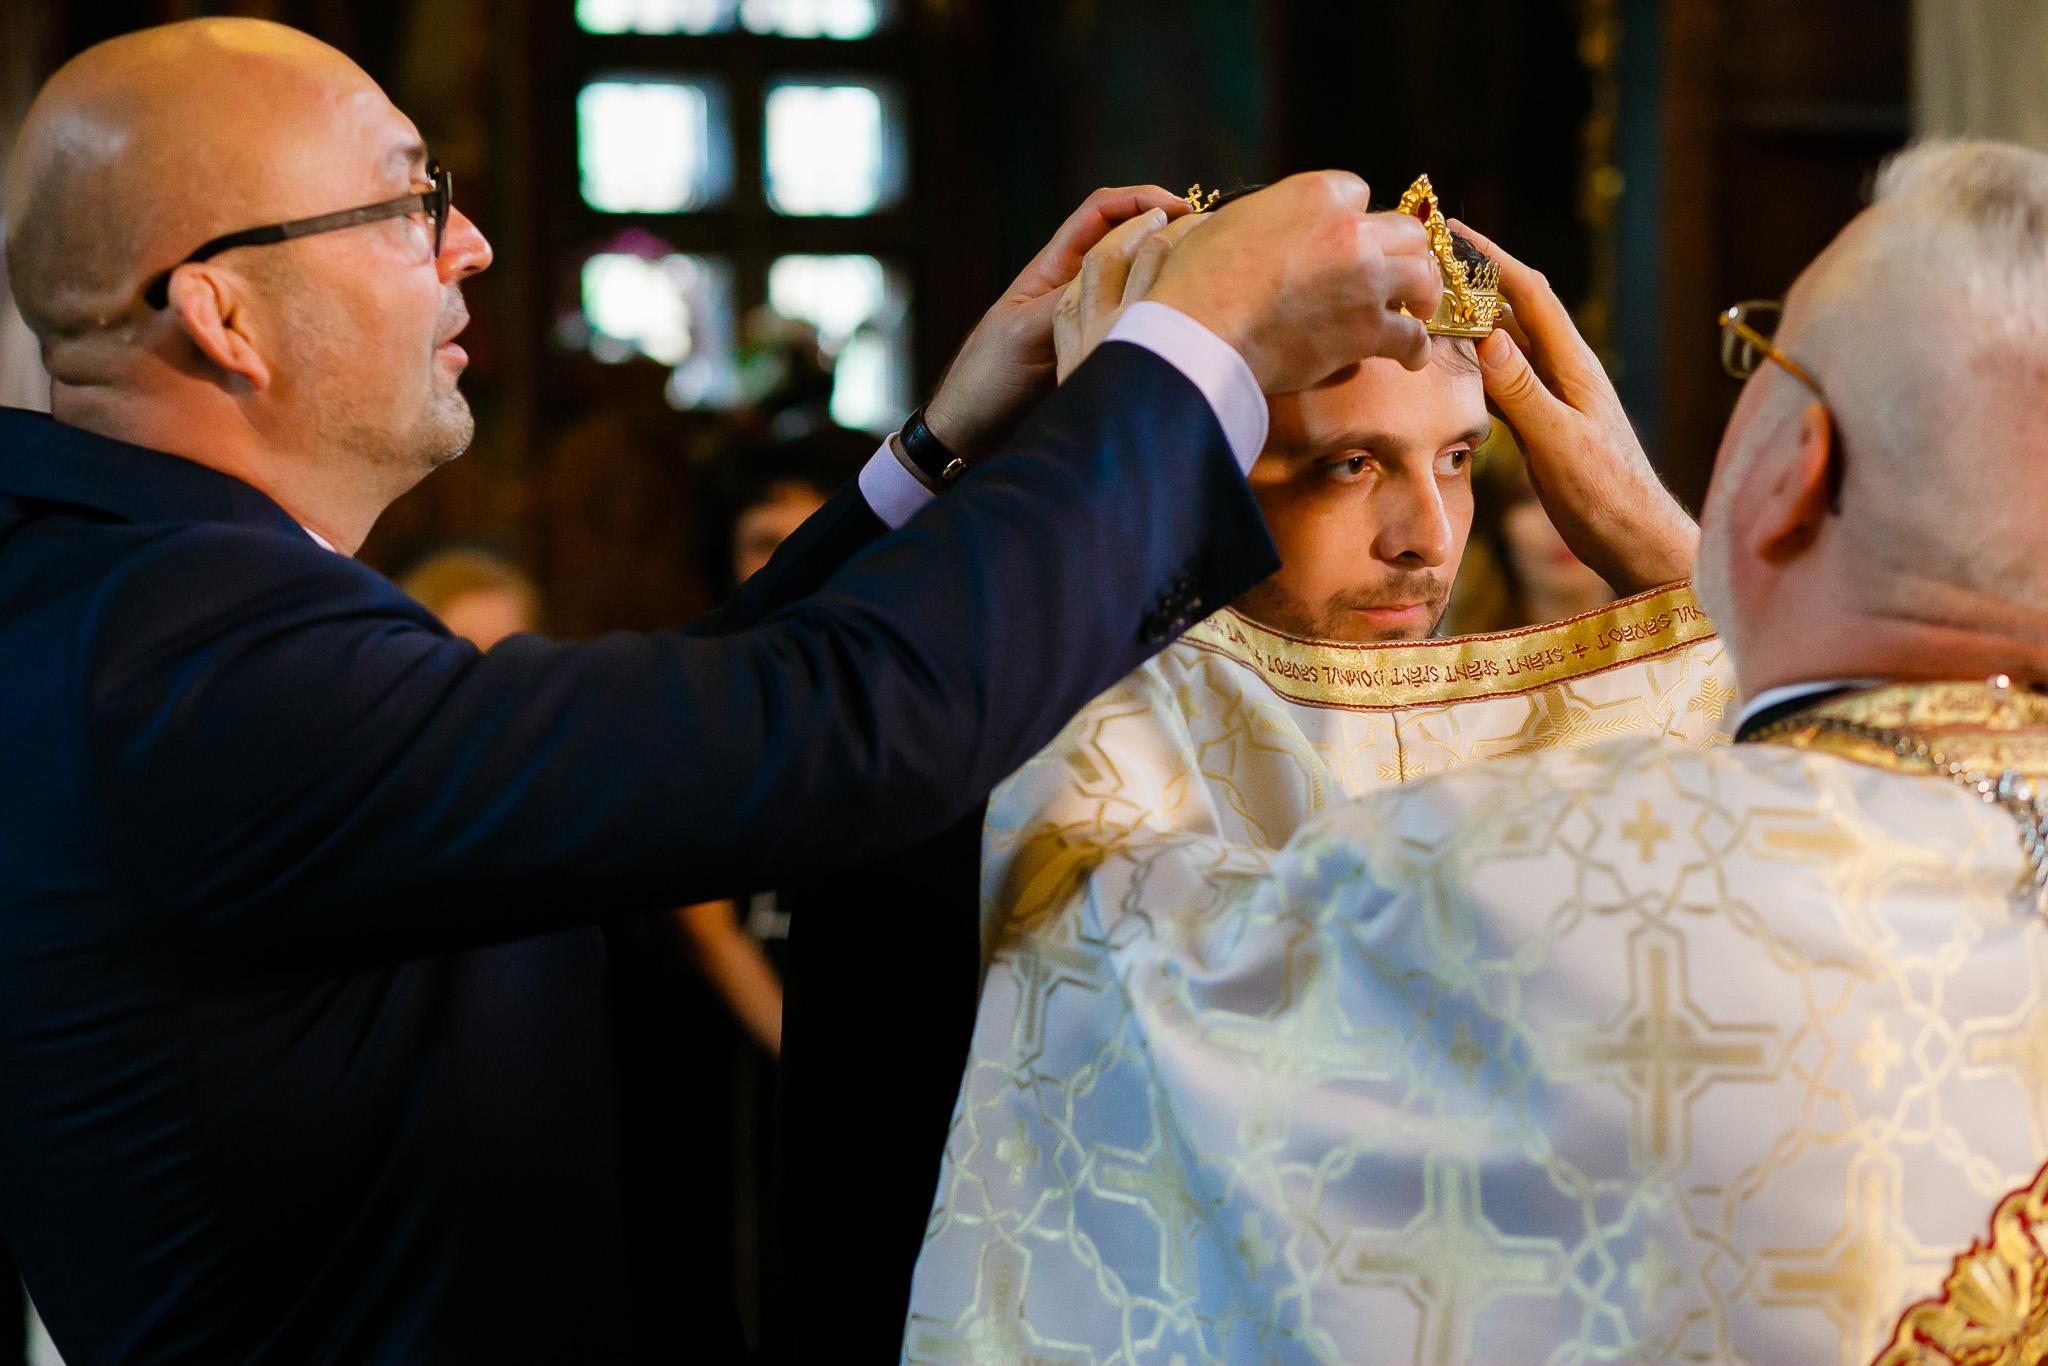 Larisa si Bogdan Nuntă la Pleiada fotograf profesionist nunta Iasi www.paulpadurariu.ro © 2018 Paul Padurariu cununia religioasa 3